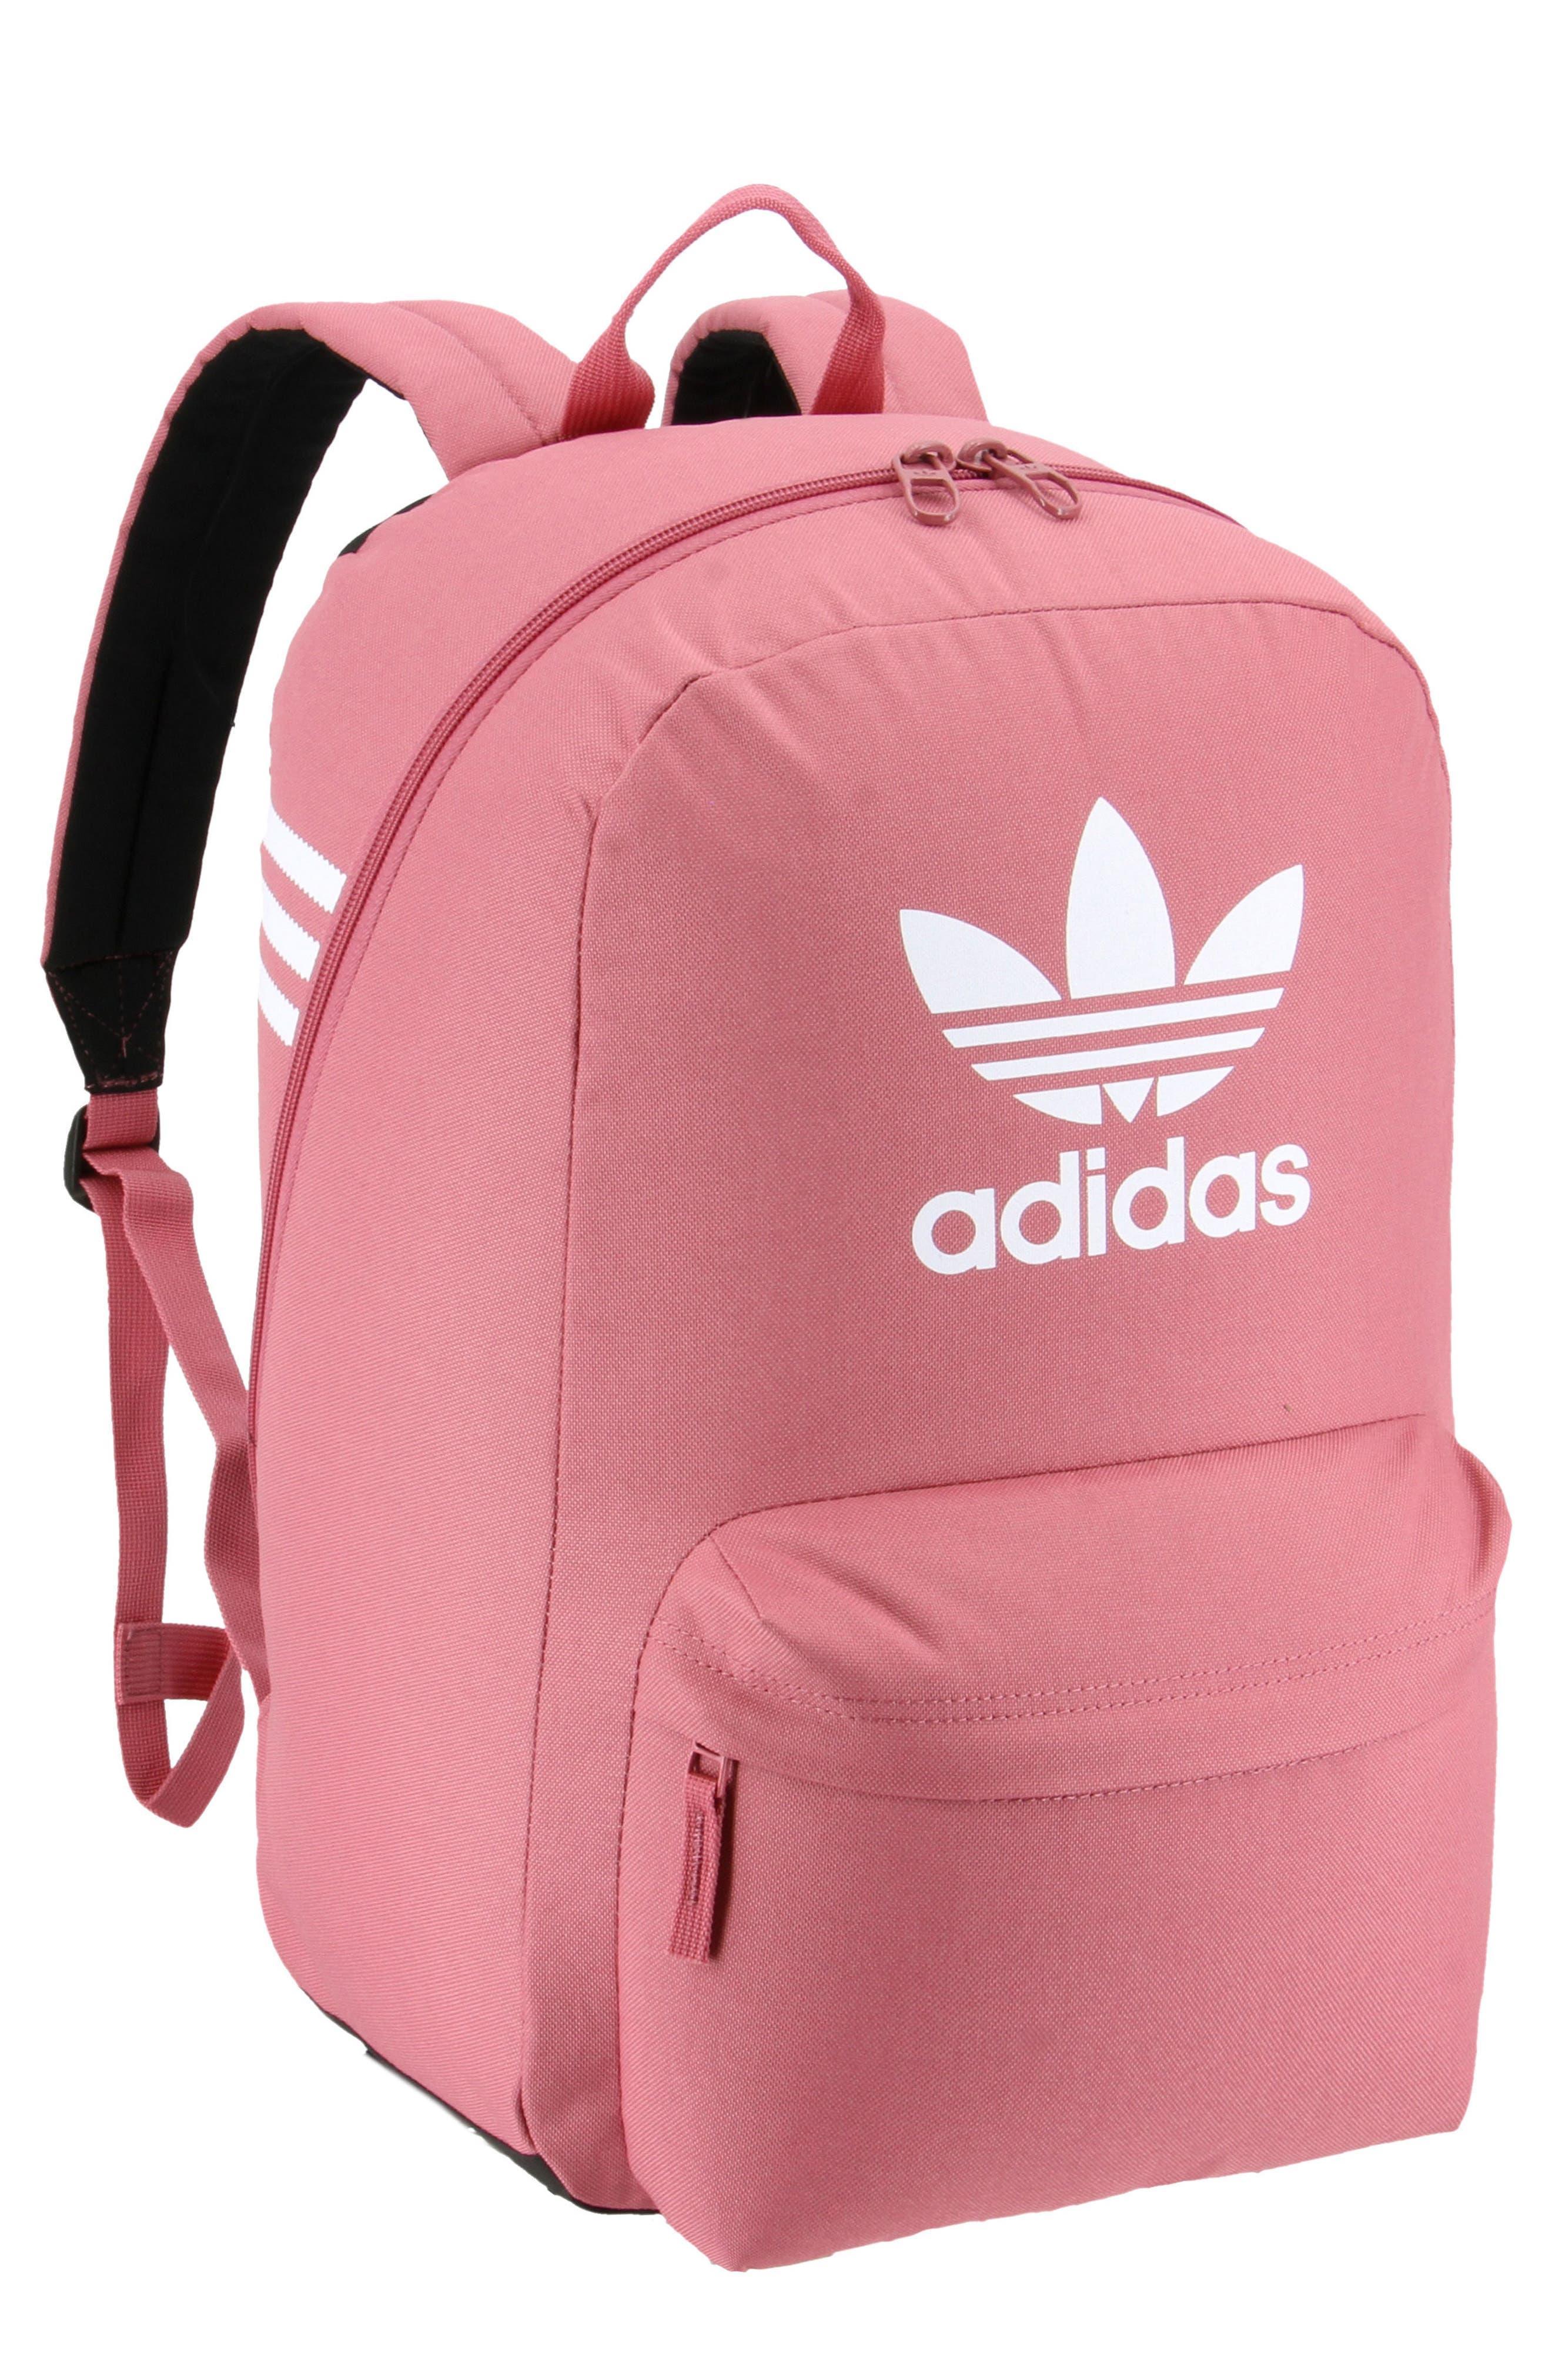 ADIDAS, Originals Big Logo Backpack, Main thumbnail 1, color, TRACE MAROON